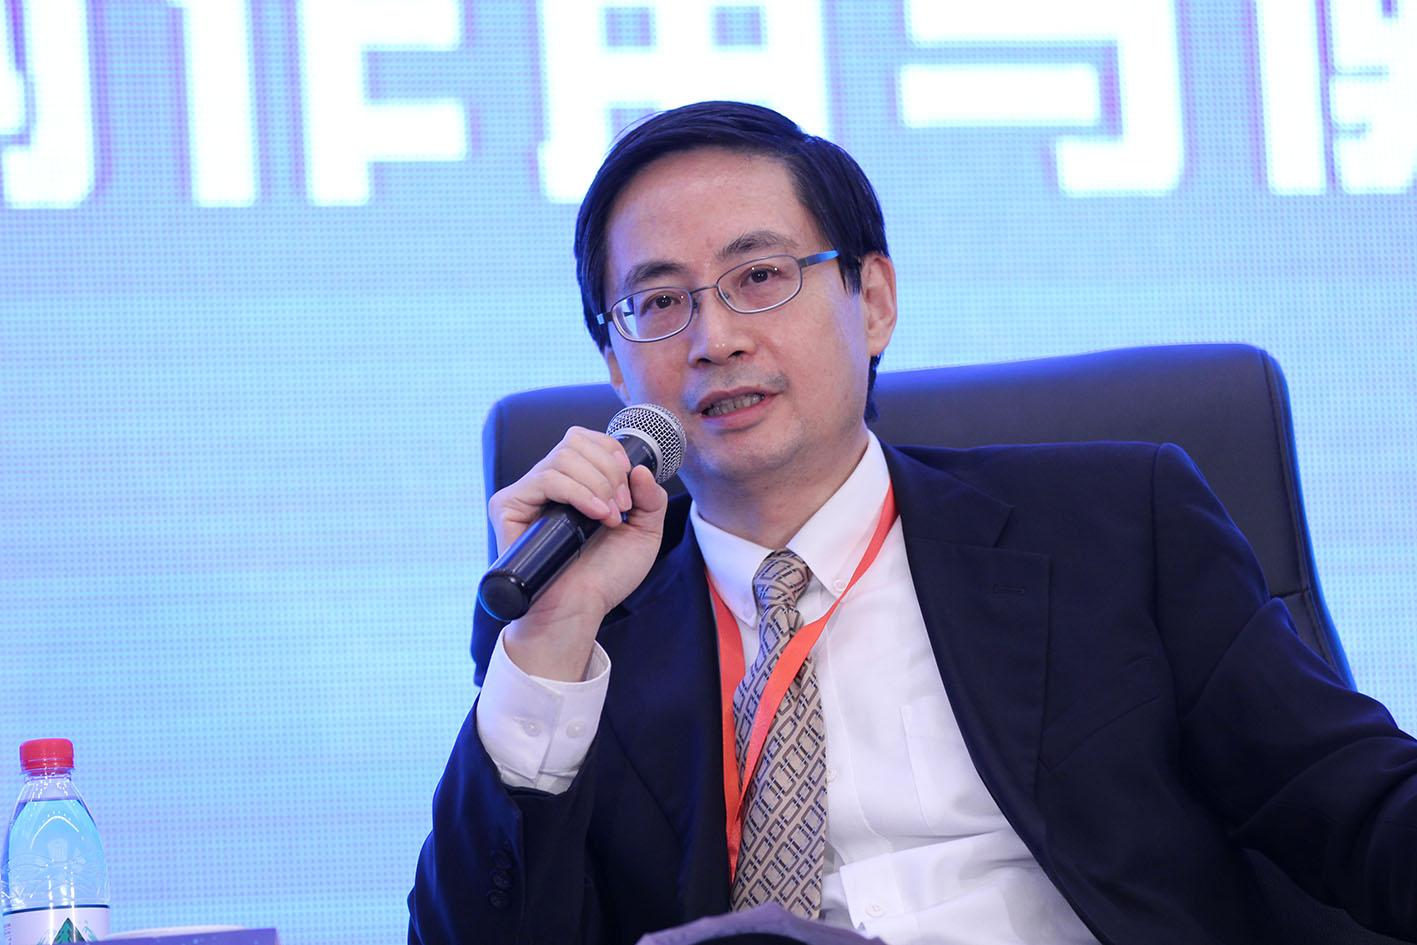 亚投行--马骏:发改委正在起草对外投资环境风险管理倡议文件